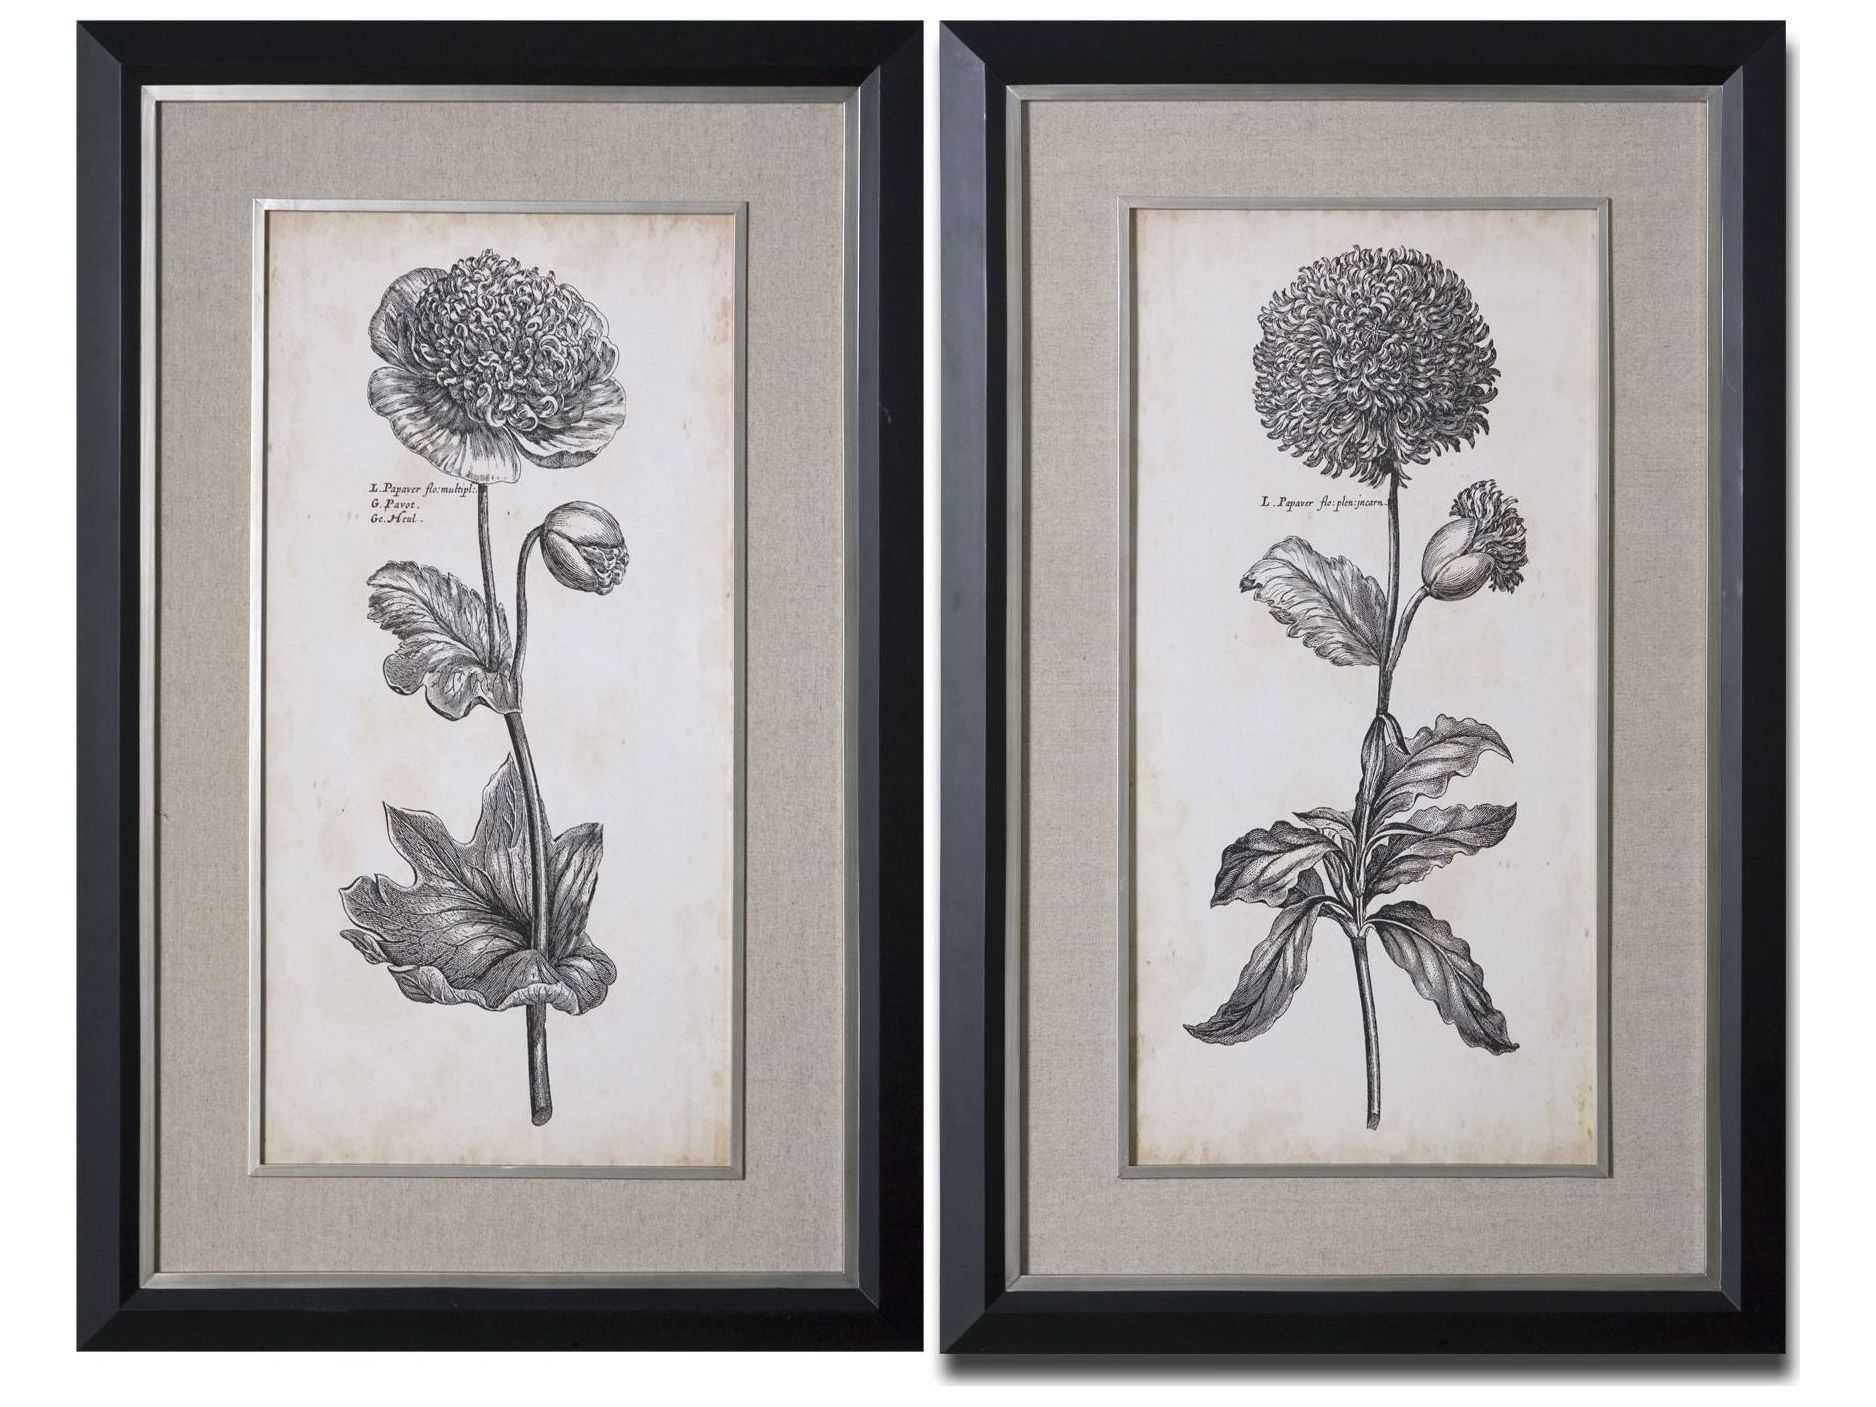 Uttermost Singular Beauty Floral Wall Art 2 Piece Set